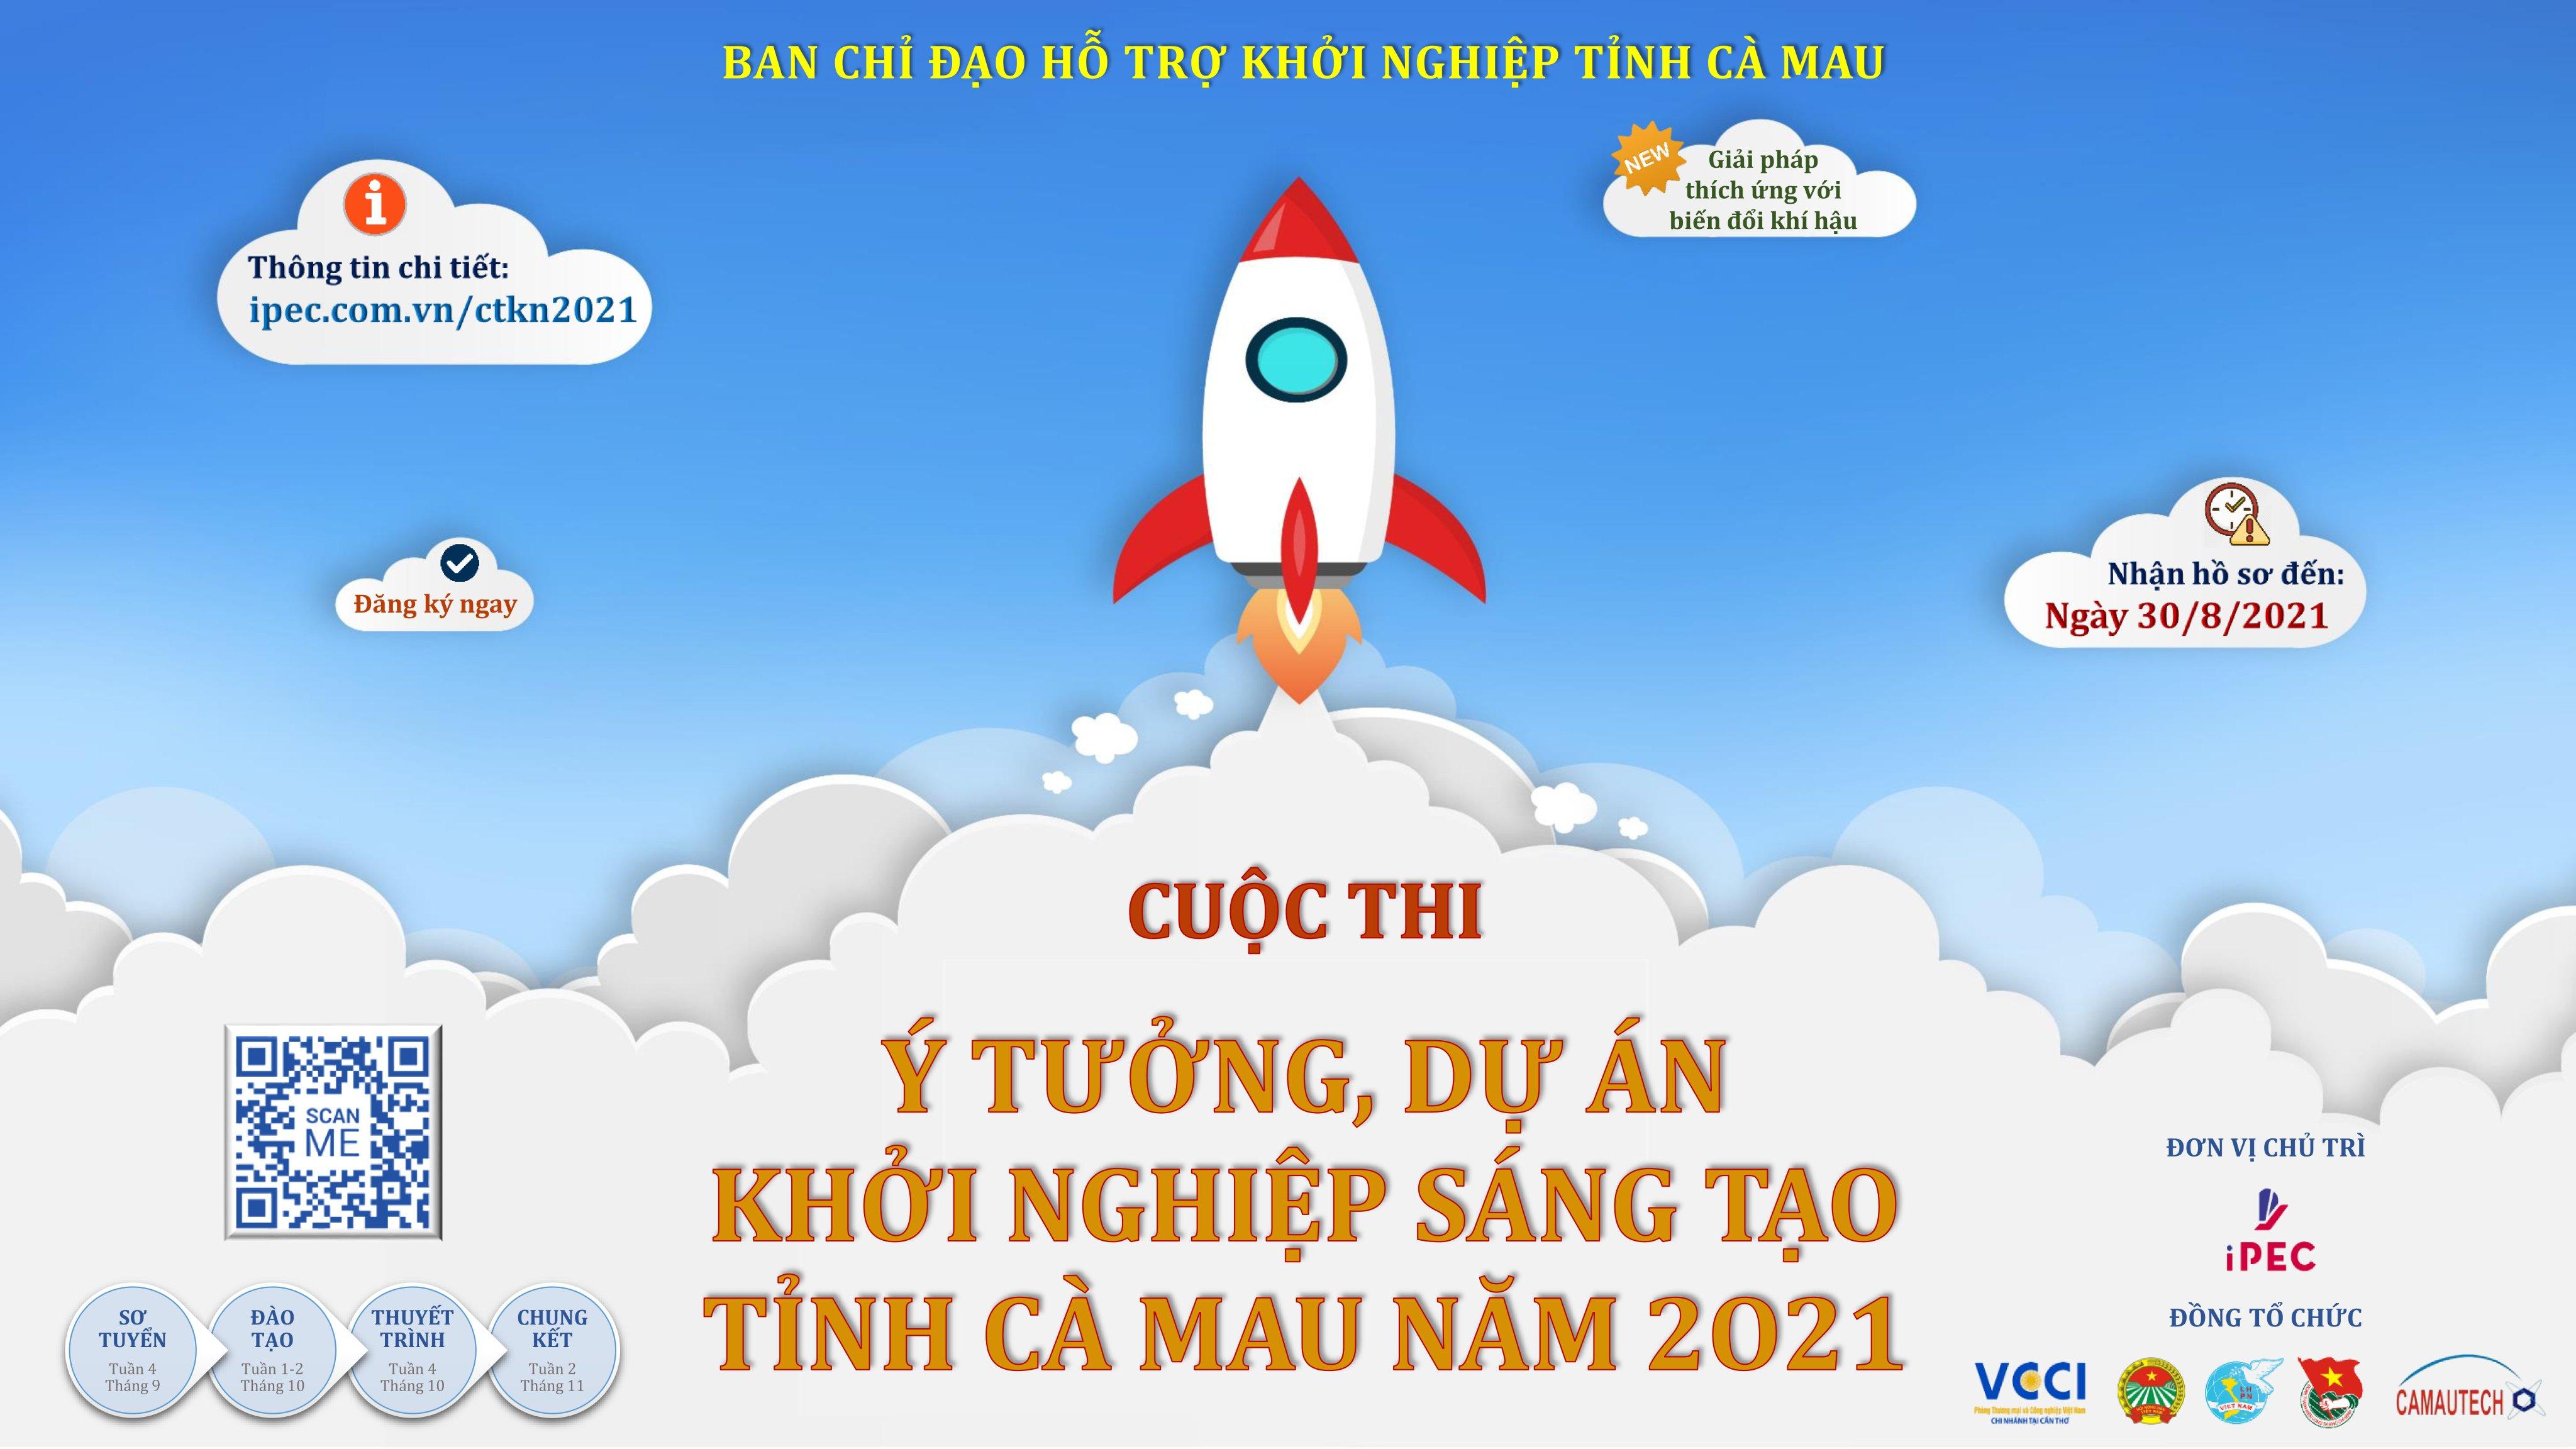 KHOI NGHIEP 2021